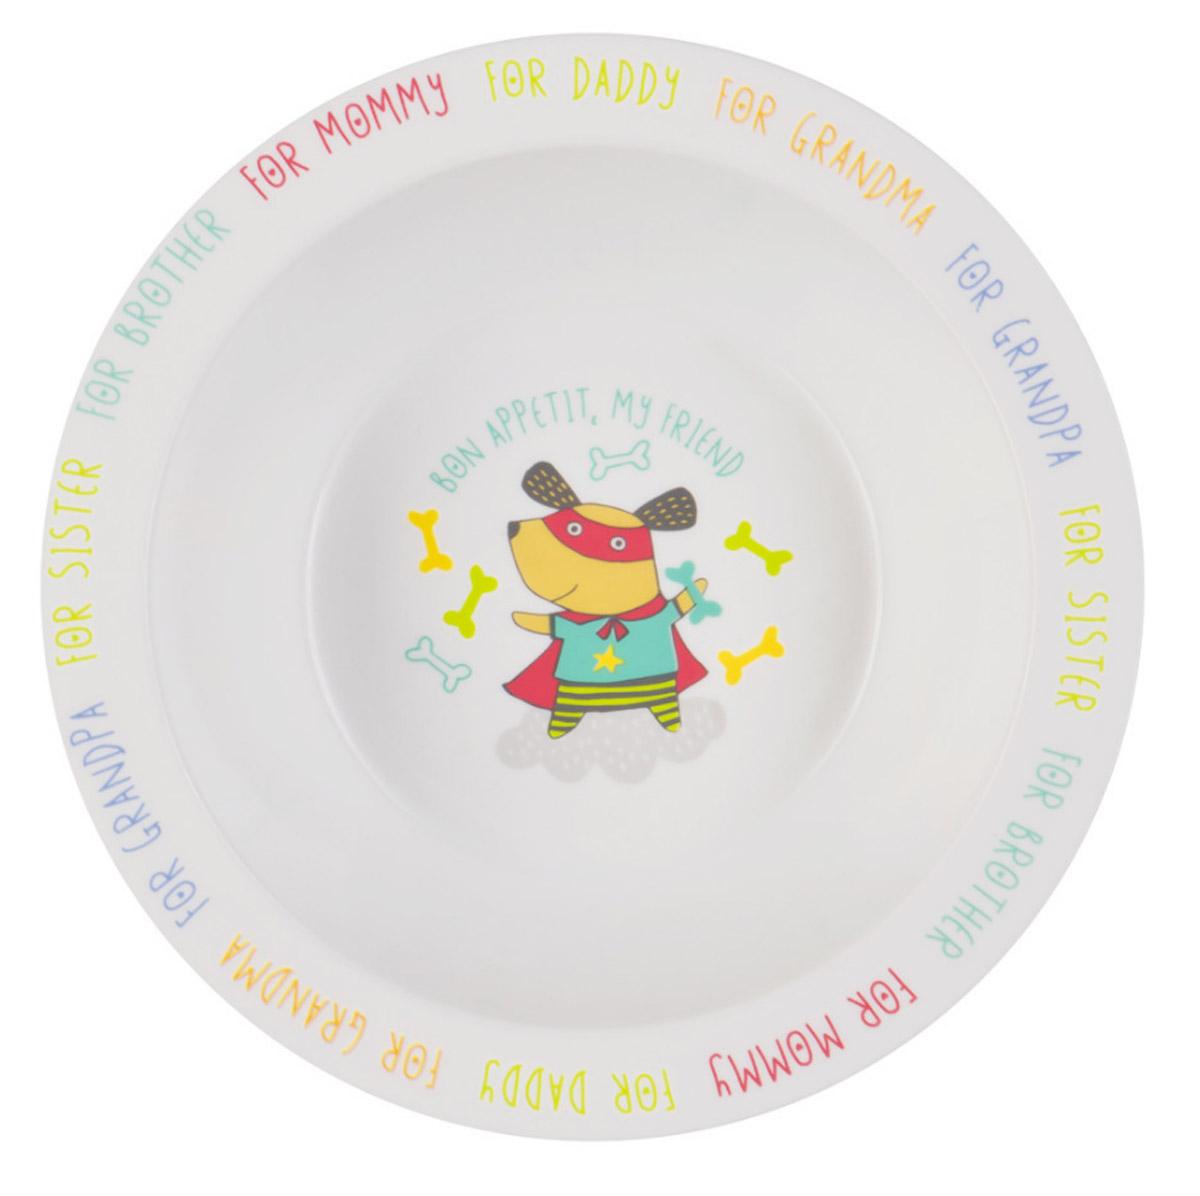 Happy Baby Тарелка глубокая для кормления Собака с присоской цвет белый желтыйVT-1520(SR)Глубокая тарелка для кормления Happy Baby Собака с присоской поможет приучить малыша кушать из посуды для взрослых. Выполненная из полипропилена и термопластичного эластомера, тарелка не бьется при случайном падении, имеет малый вес, широкие края. Забавная нарисованная собачка на дне тарелки поможет заинтересовать малыша процессом кормления. Широкая присоска на дне прочно фиксирует тарелку на гладкой поверхности и не позволит ее перевернуть. Не содержит бисфенол-А. Можно разогревать в СВЧ-печи и мыть в посудомоечной машине без присоски.